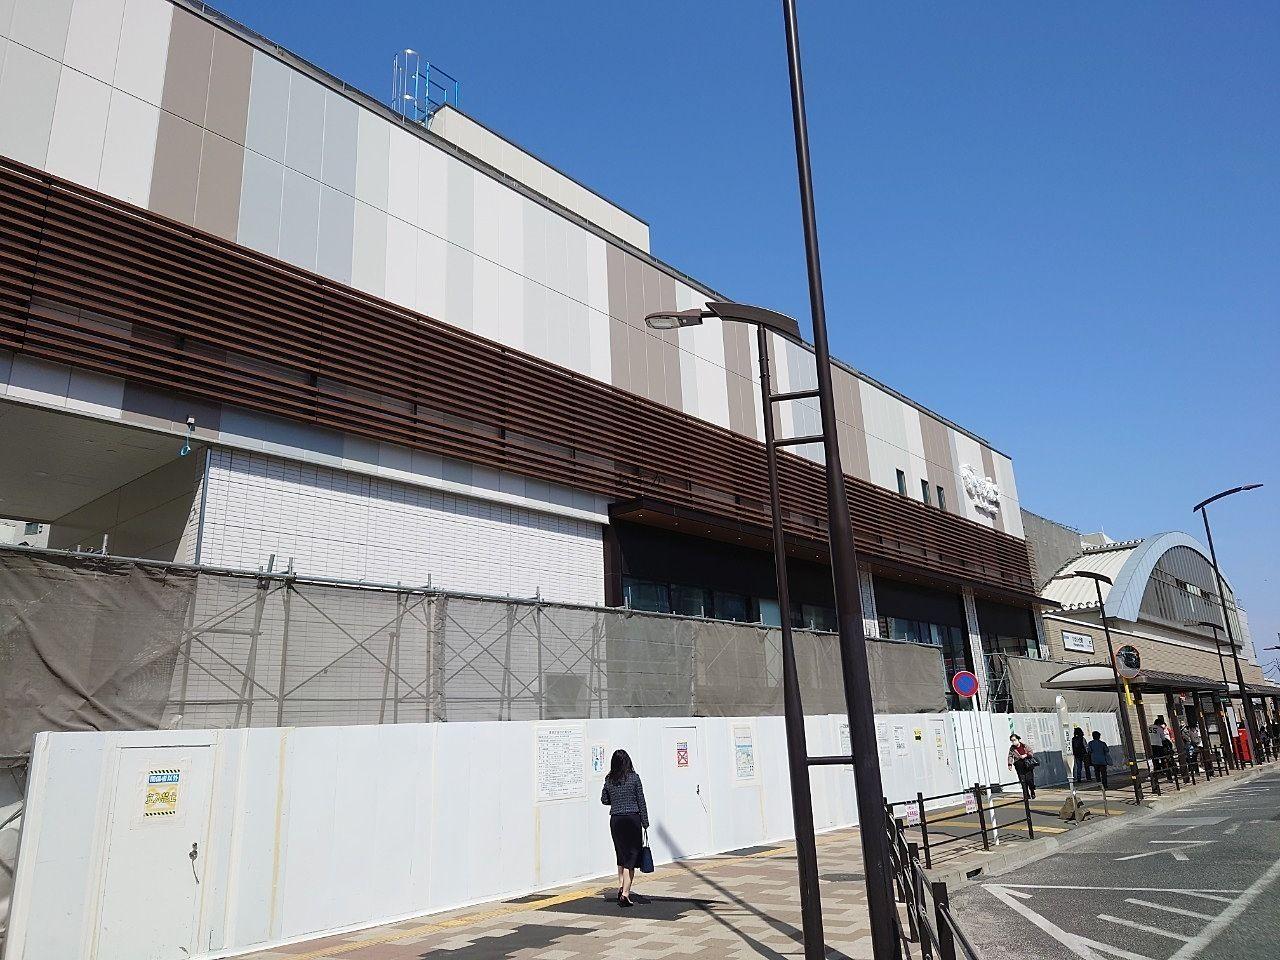 ひばりが丘駅ナカ商業施設エミオ7月末オープン予定